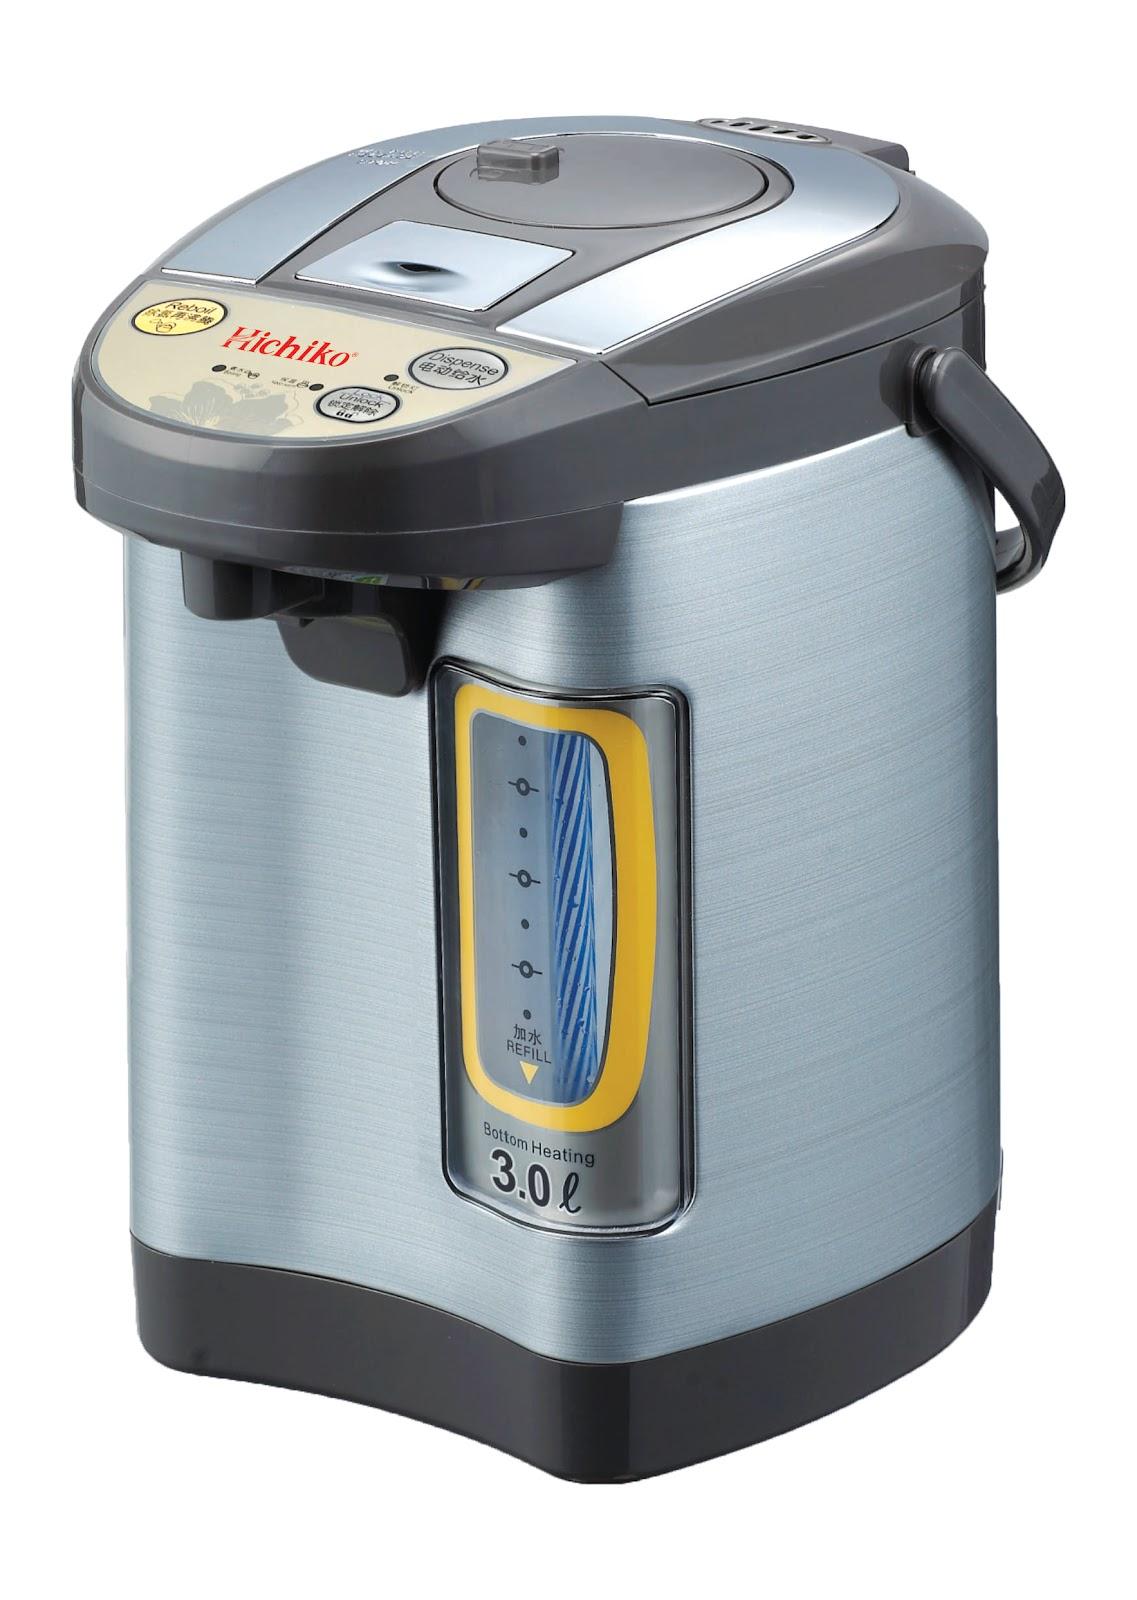 Phích đun nước Hichiko HC-9003 (Ảnh 2)